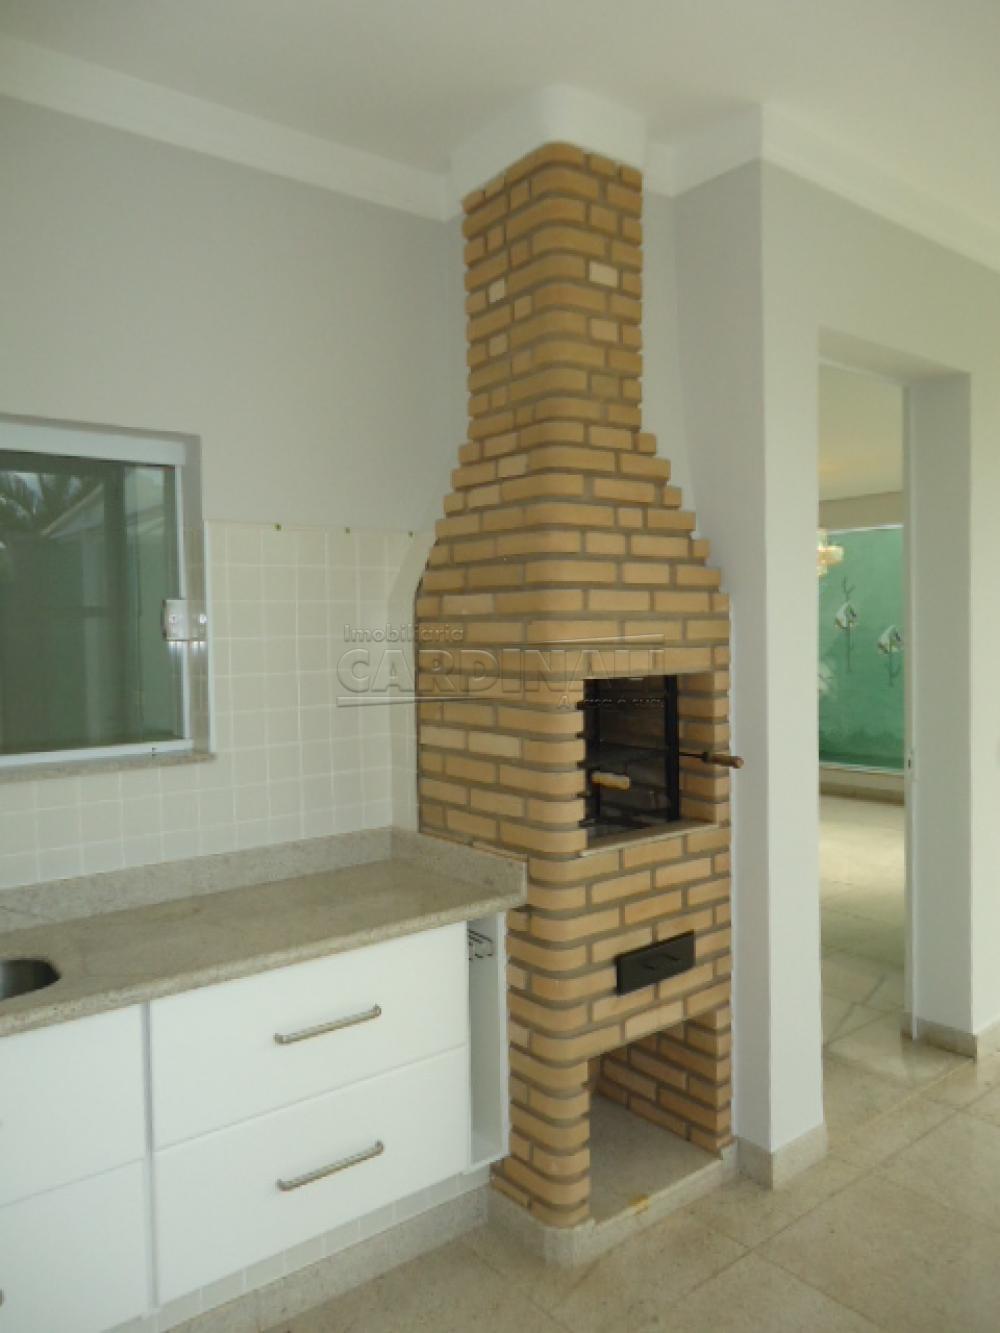 Comprar Casa / Condomínio em São Carlos R$ 2.000.000,00 - Foto 23